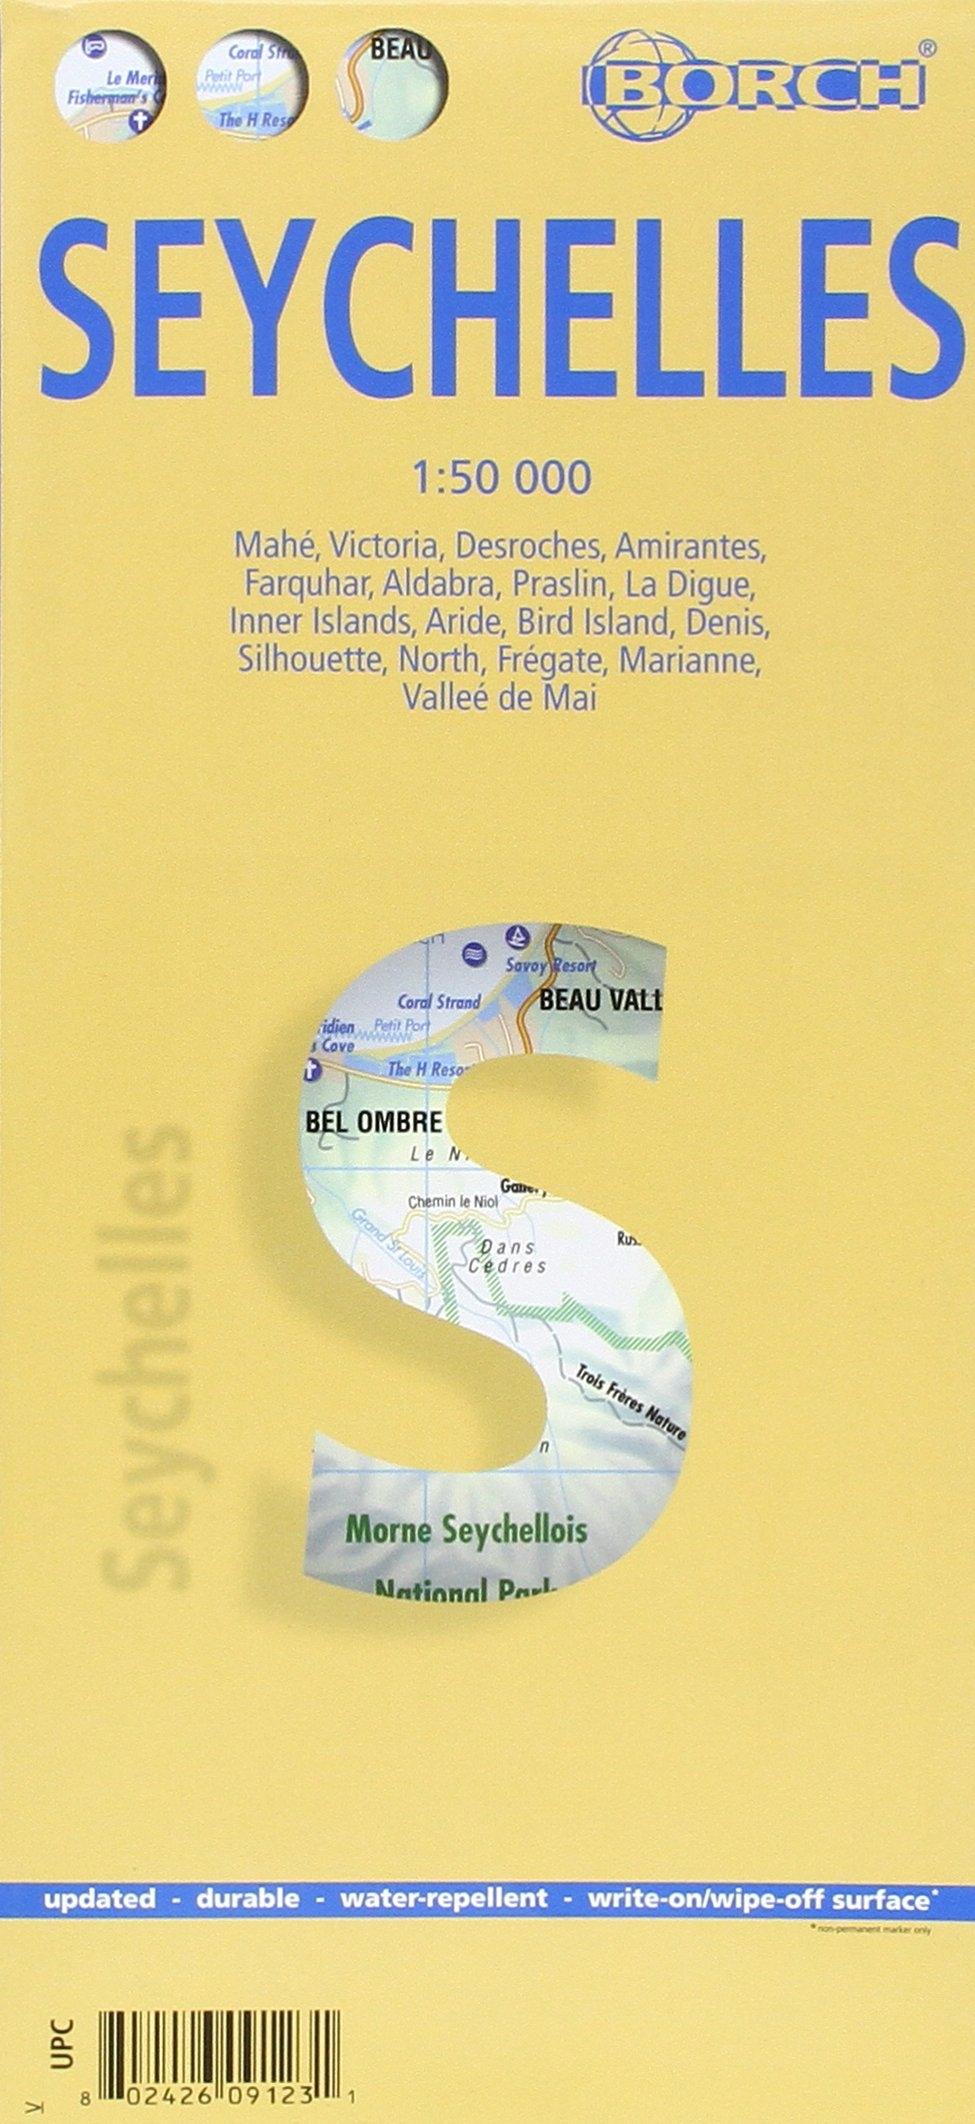 Mappa Borch Seychelles